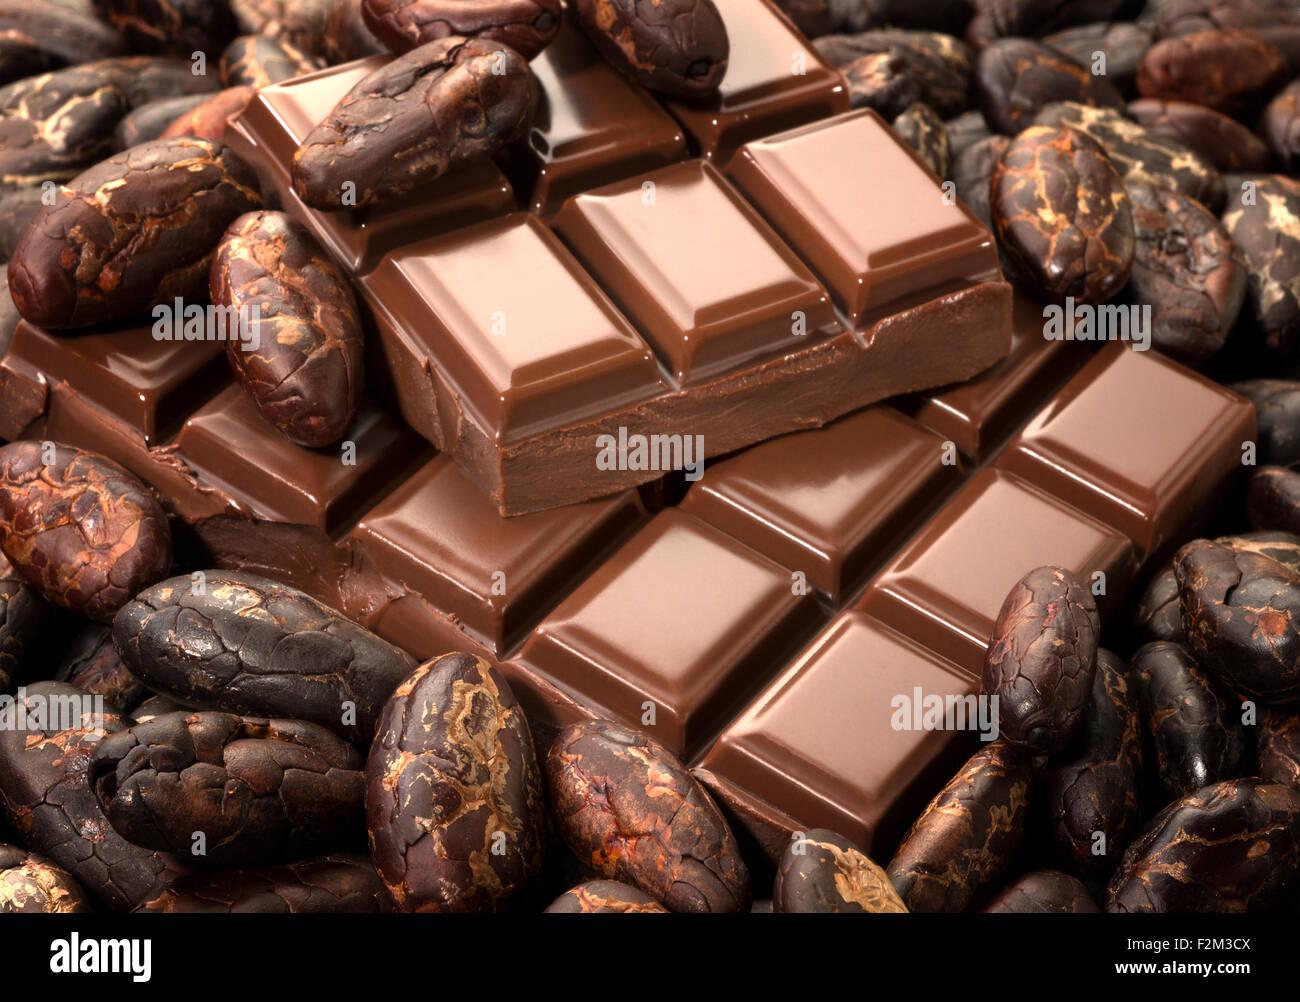 Le fave di cacao e barrette di cioccolato Immagini Stock